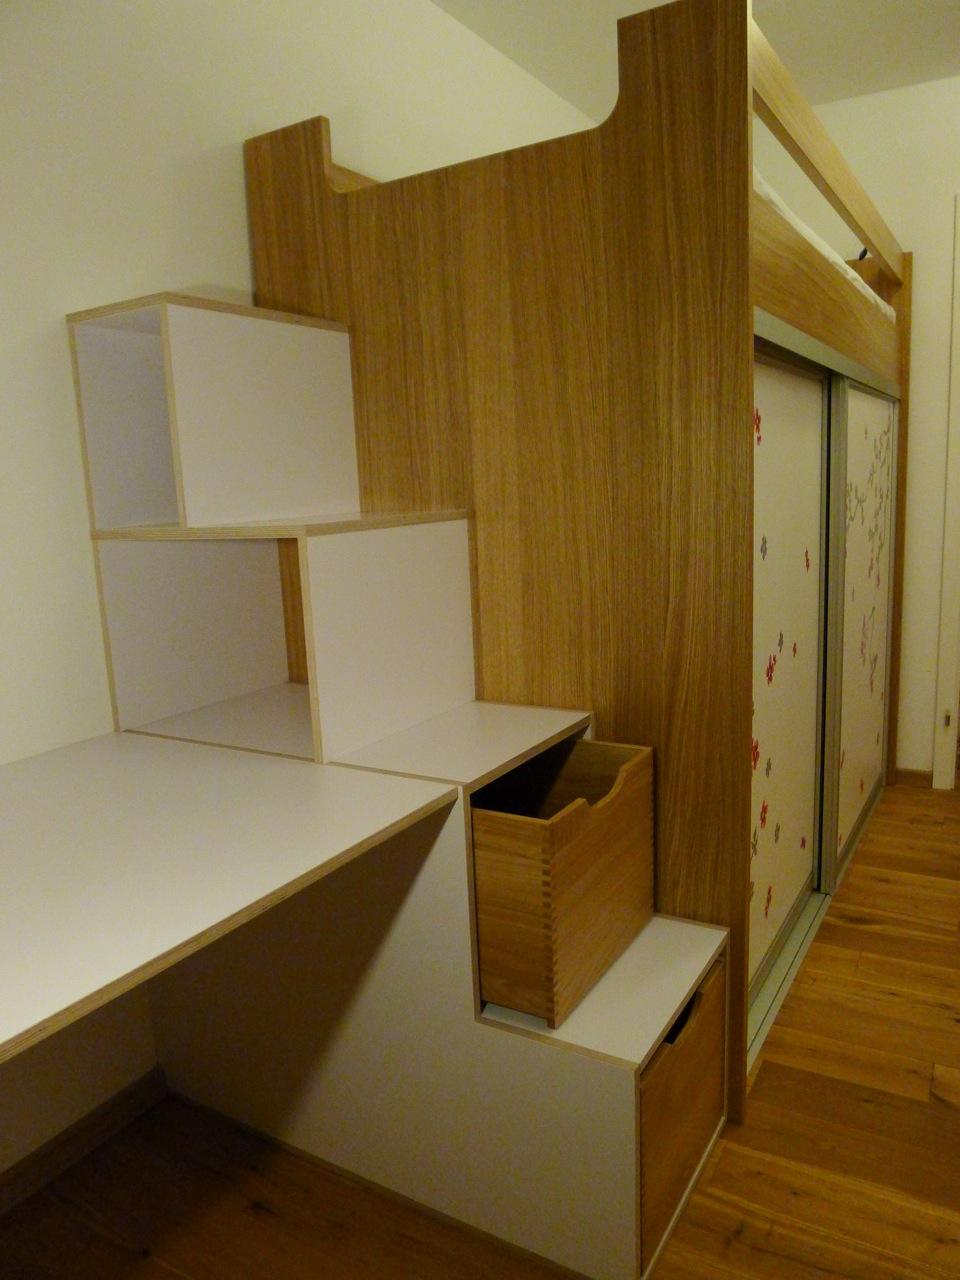 kinderzimmer mit hochbett schrank schreibtisch in eiche. Black Bedroom Furniture Sets. Home Design Ideas